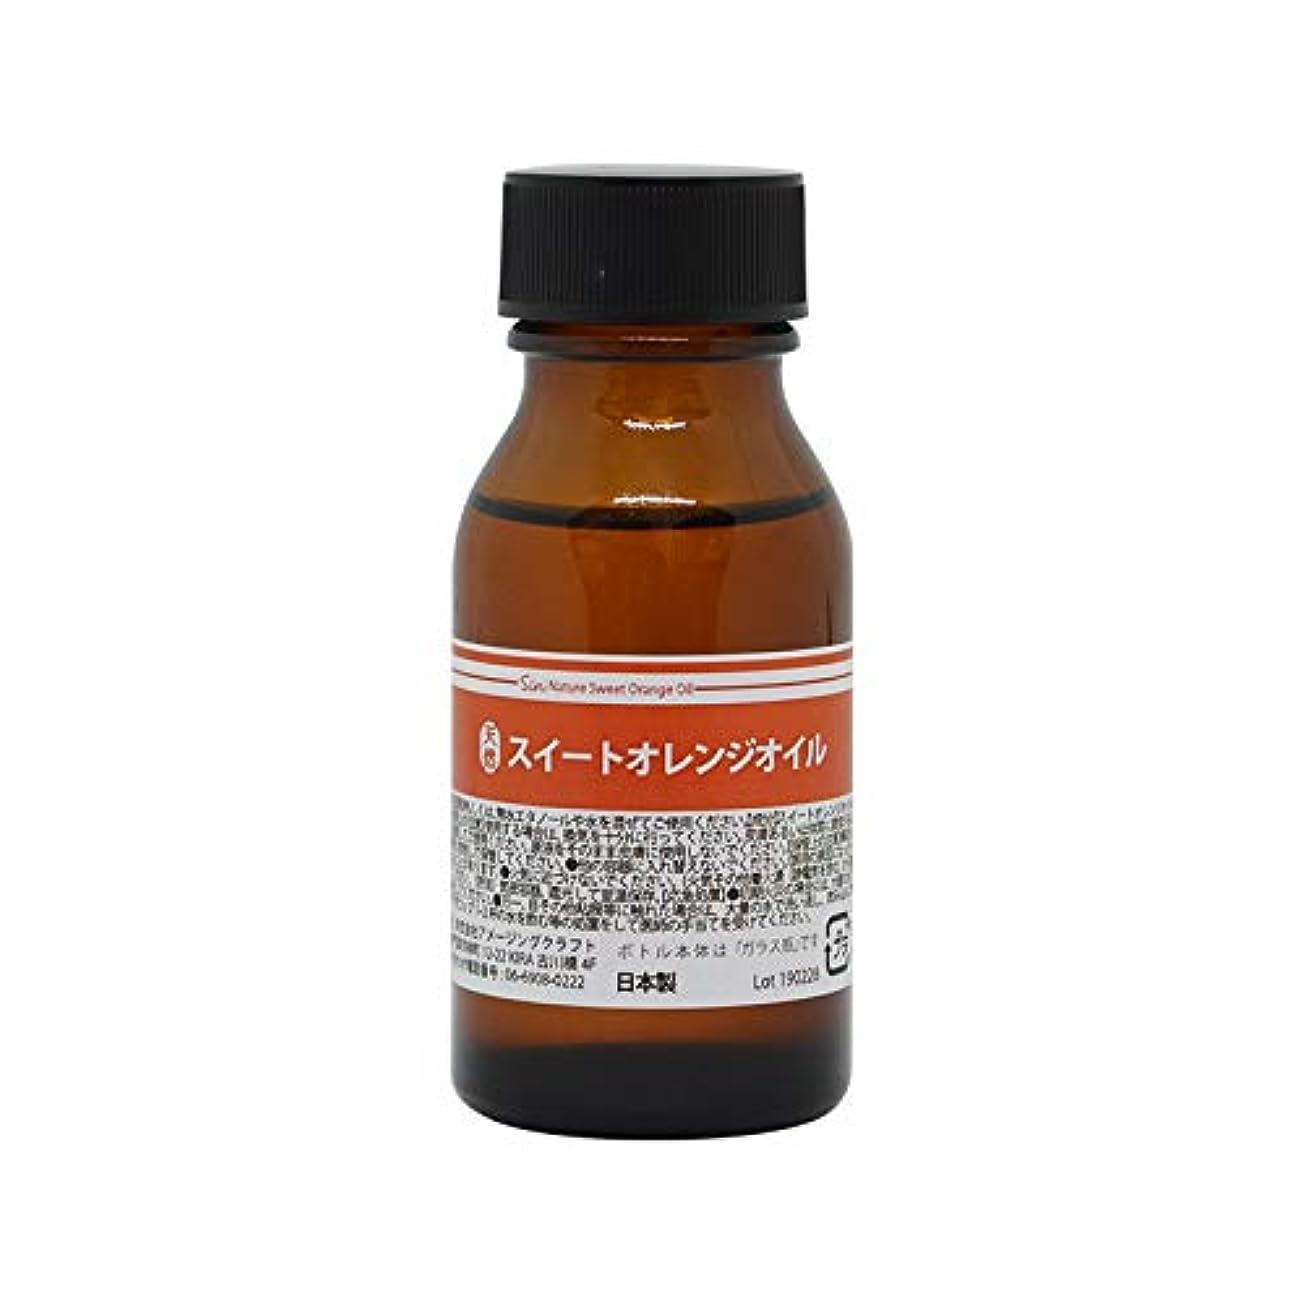 ボンドバイバイ無意識天然100% スイートオレンジオイル 50ml (オレンジスイート) エッセンシャルオイル